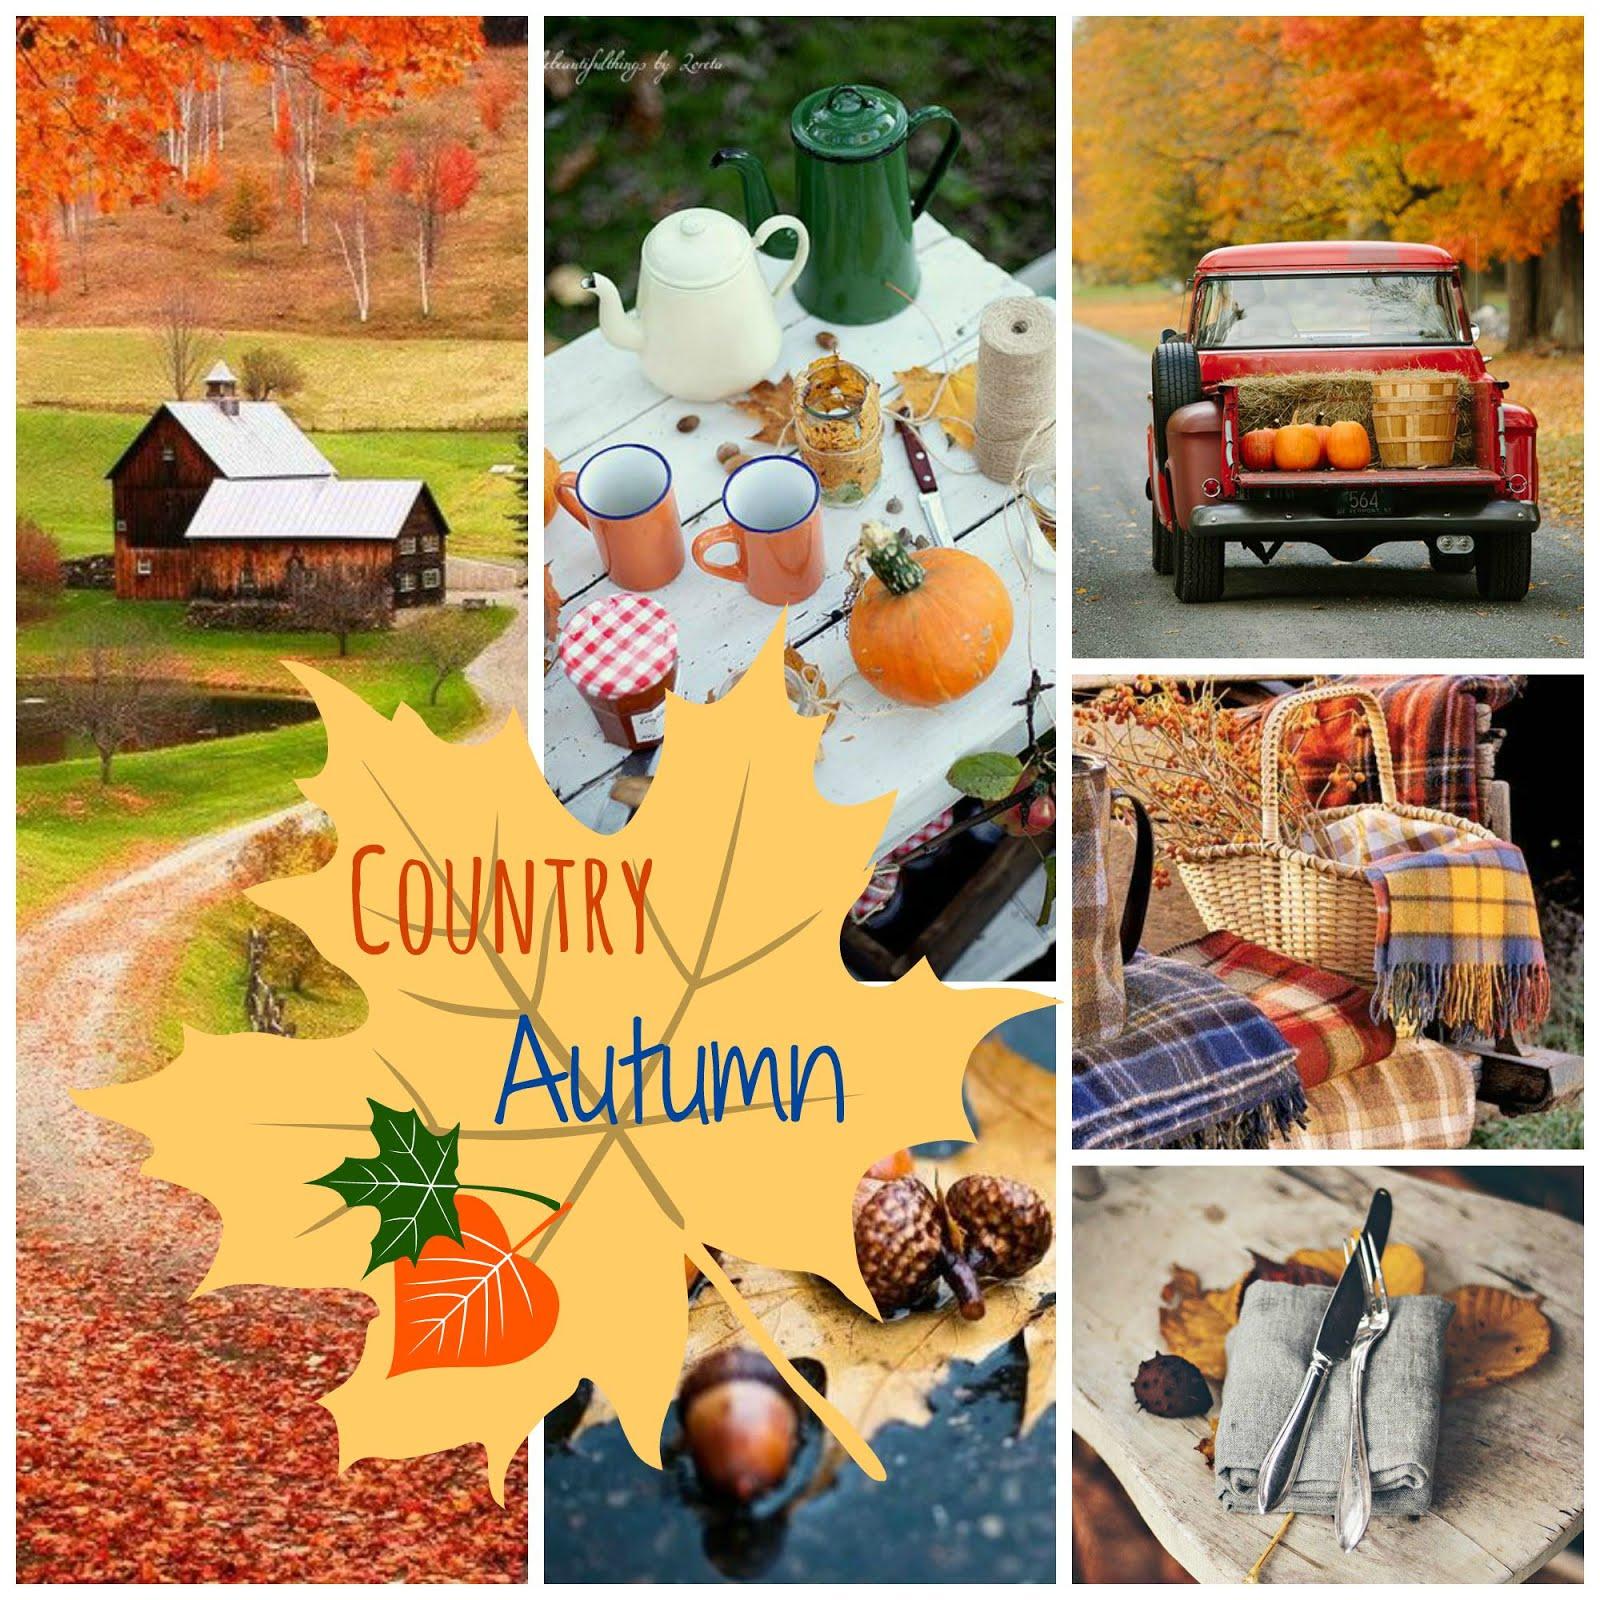 Country autumn - конкурс с призами!